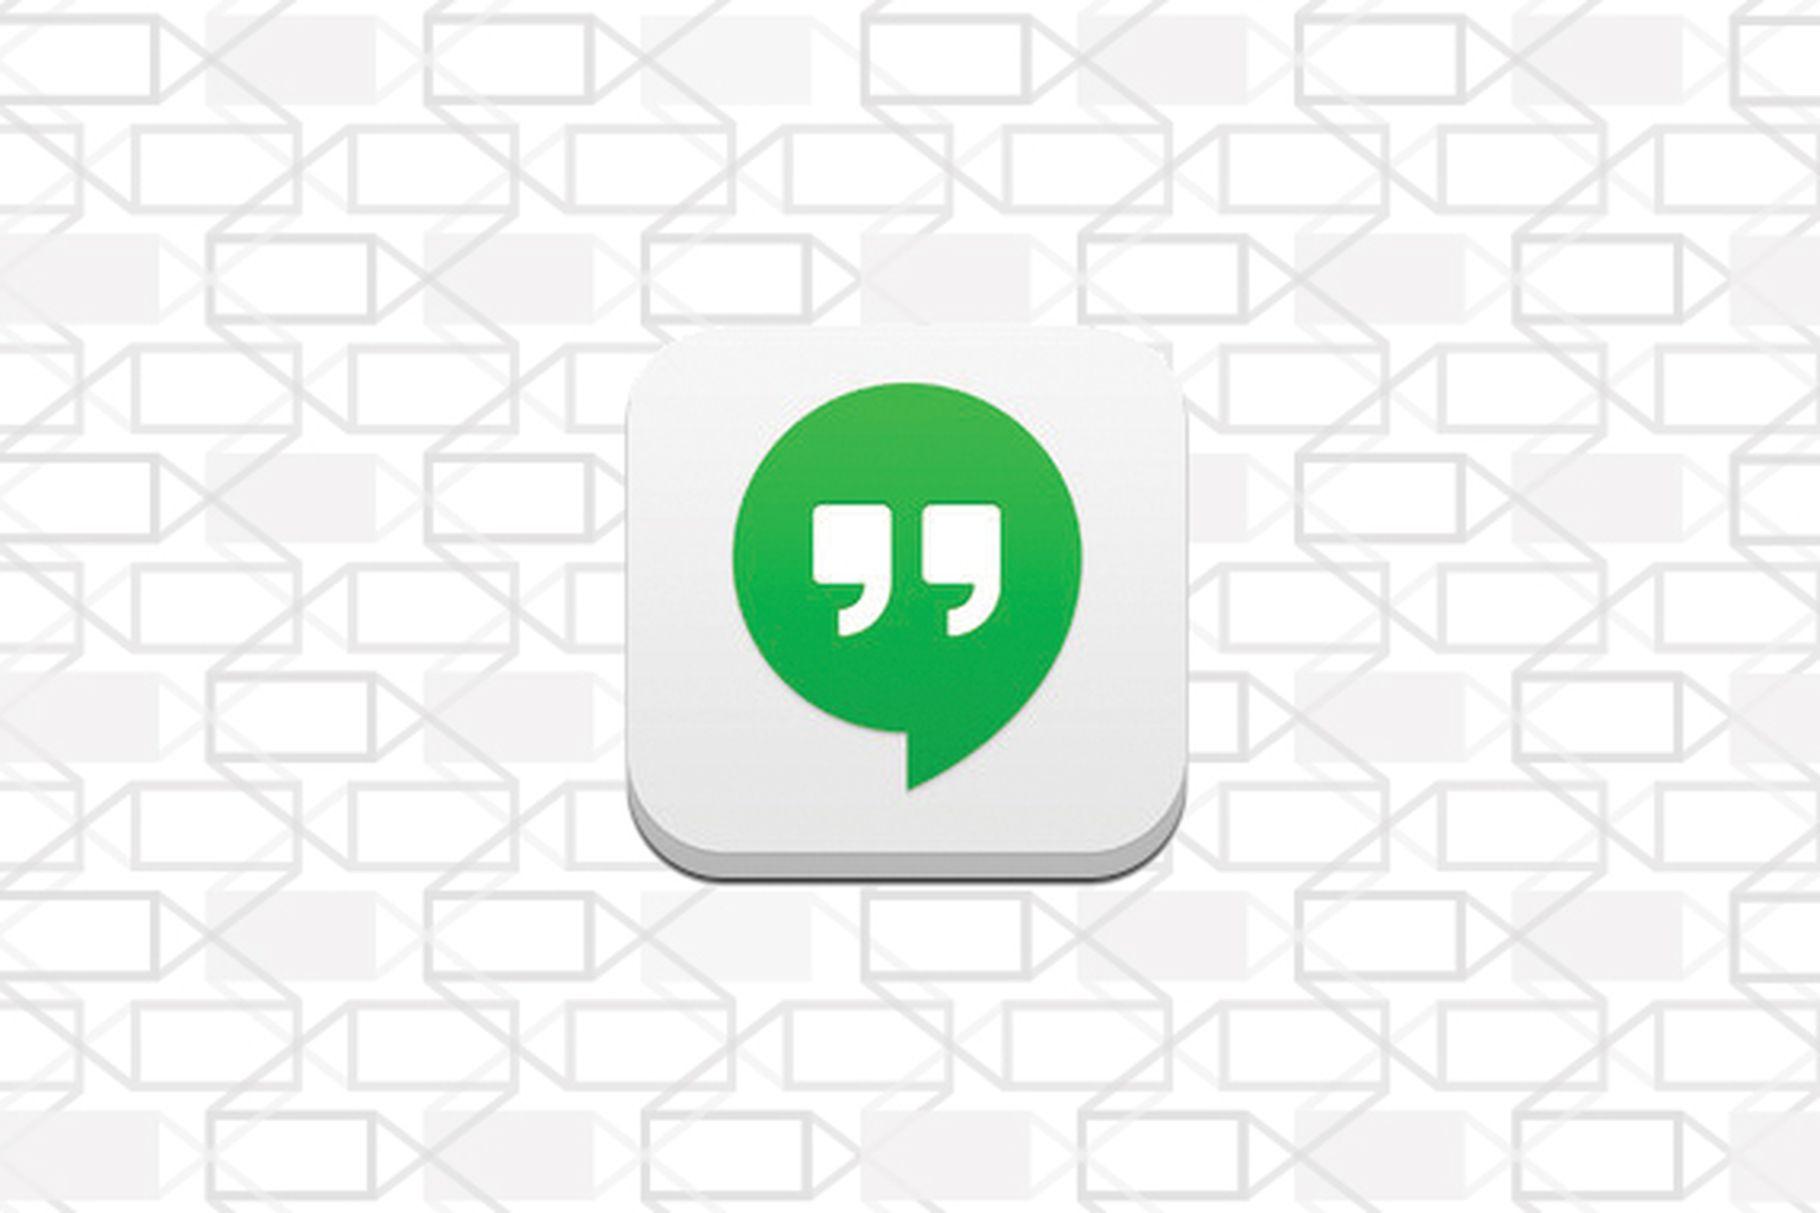 Google estaría pensando cerrar Hangouts en 2020 - 1/12/2018. 9to5Google. Según una fuente muy cercana al roadmap de producto, Google Hangouts para usuarios se cerrará en algún momento de 2020. No es que sea sorprendente, ya que Google prácticamente dejó de desarrollar la aplicación hace más de un año, pero es un fracaso más de Google en su intento con hacerse un hueco en la tarta de la mensajería. ¿Pasará algo similar con RCS?